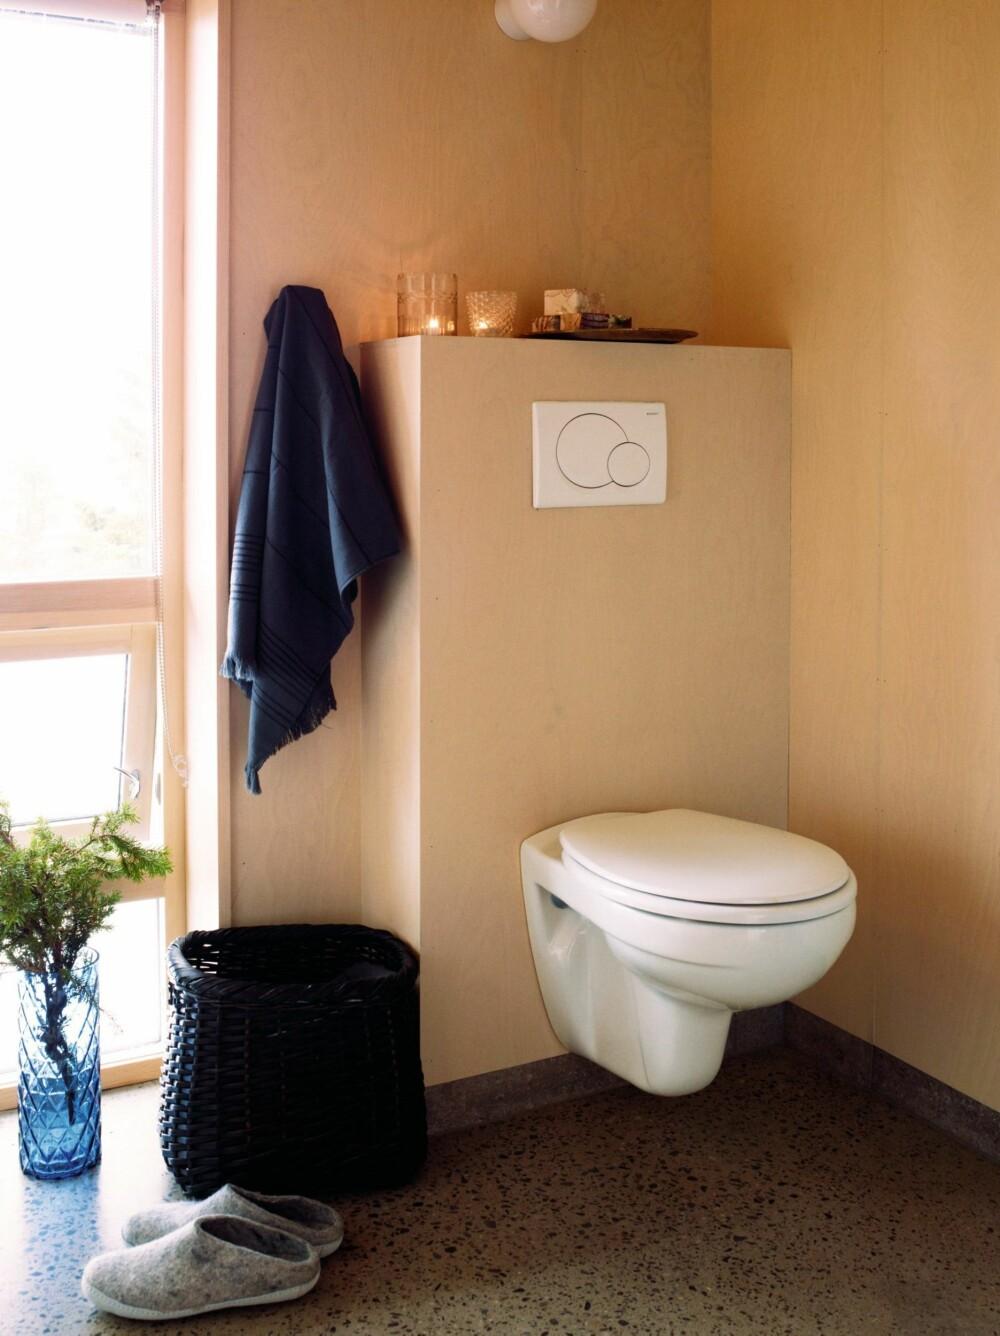 LIGGER SKJERMET: Også på badet kan utsikten nytes, delvis skjermet for innsyn. Vase fra House Doctor, håndkle fra Bolina. Styling: Tone Kroken.